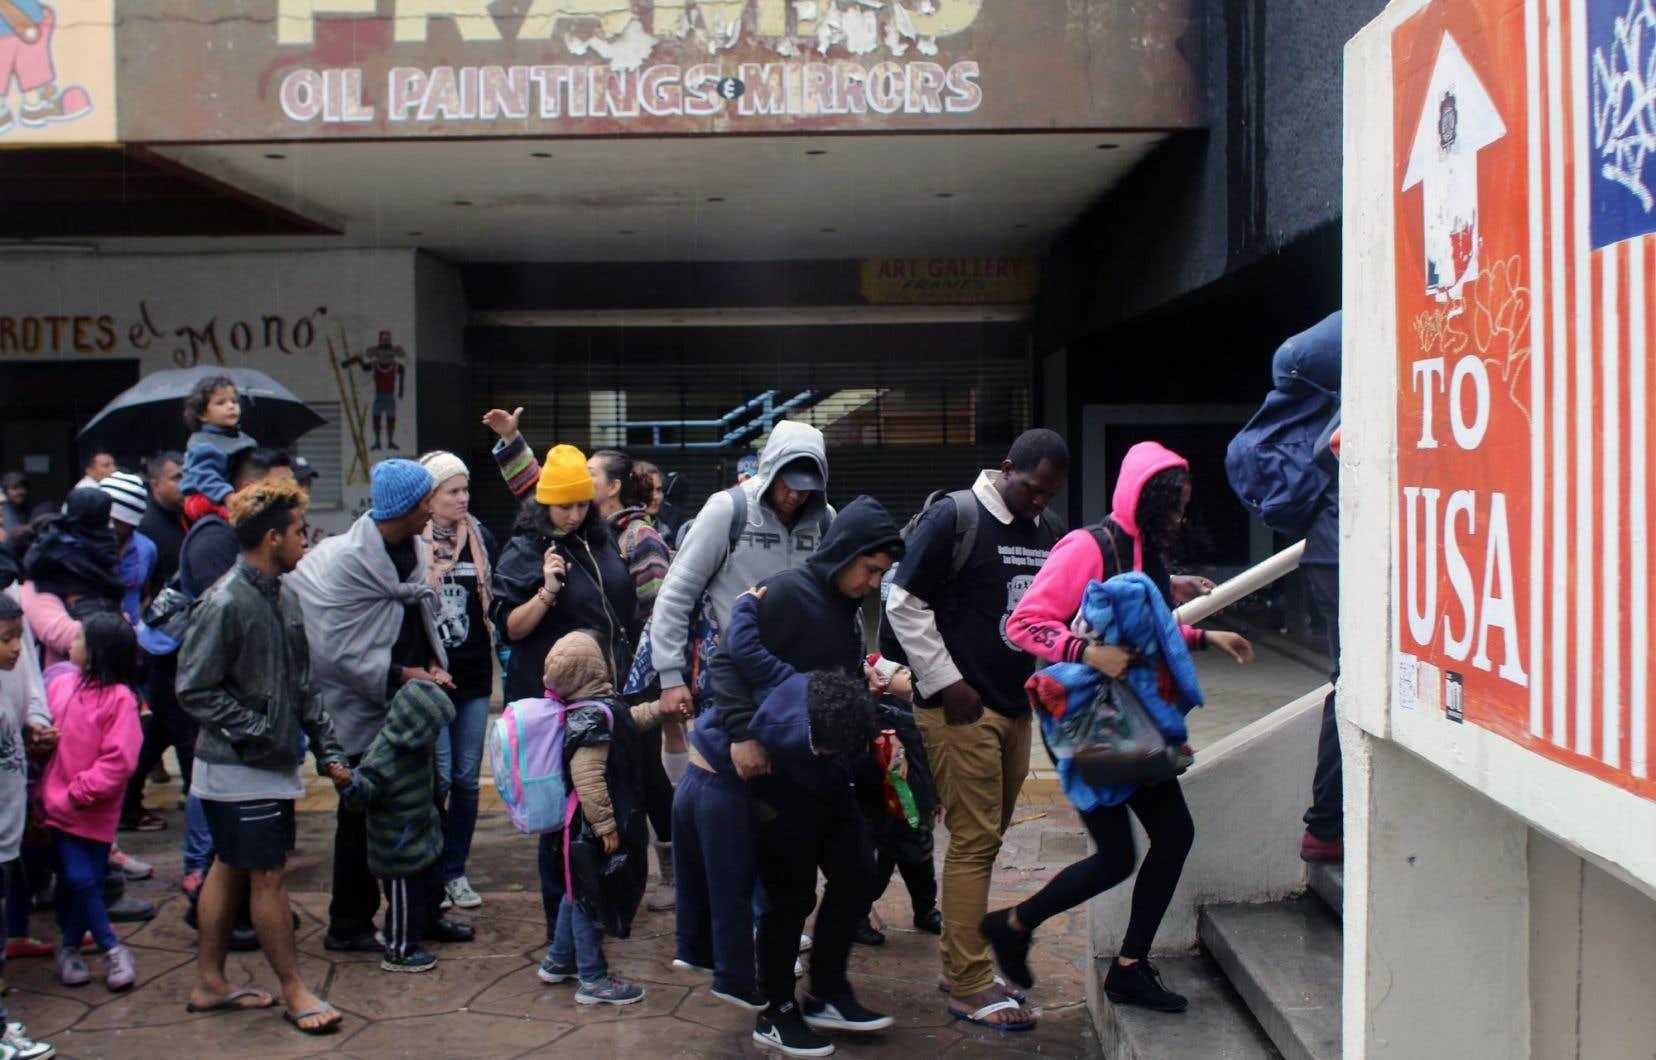 Des migrants en provenance d'Amérique centrale attendent à la douane de Tijuana, Mexique.